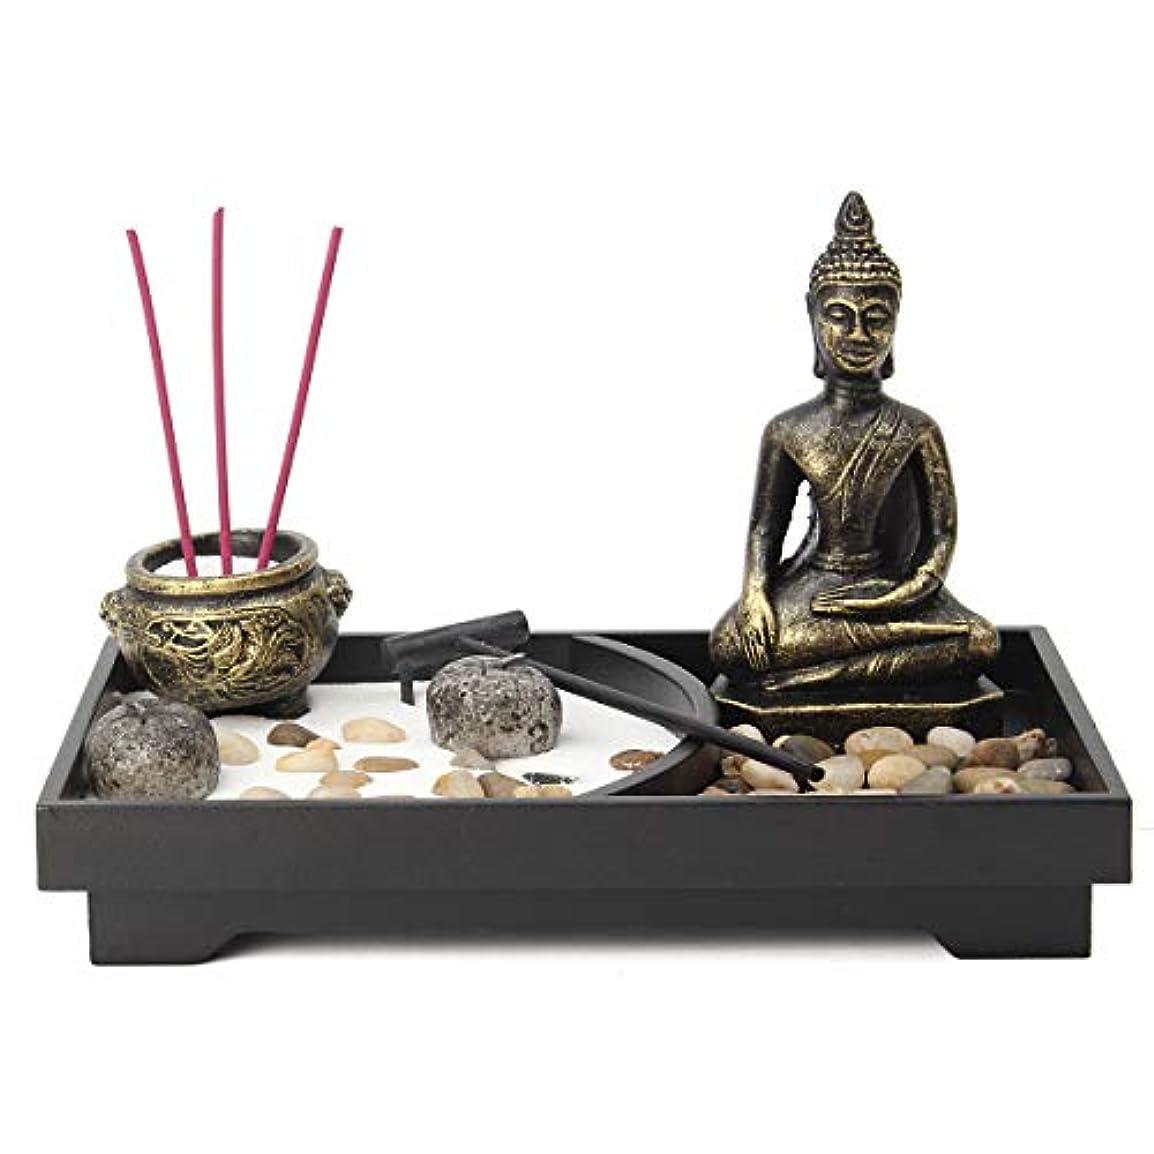 スペクトラム合成ガードjeteven Buddha Statue Incense Holder Mini瞑想Zen Garden withワックス、お香バーナーホルダースティックホームDecor & Handicraft、8.82